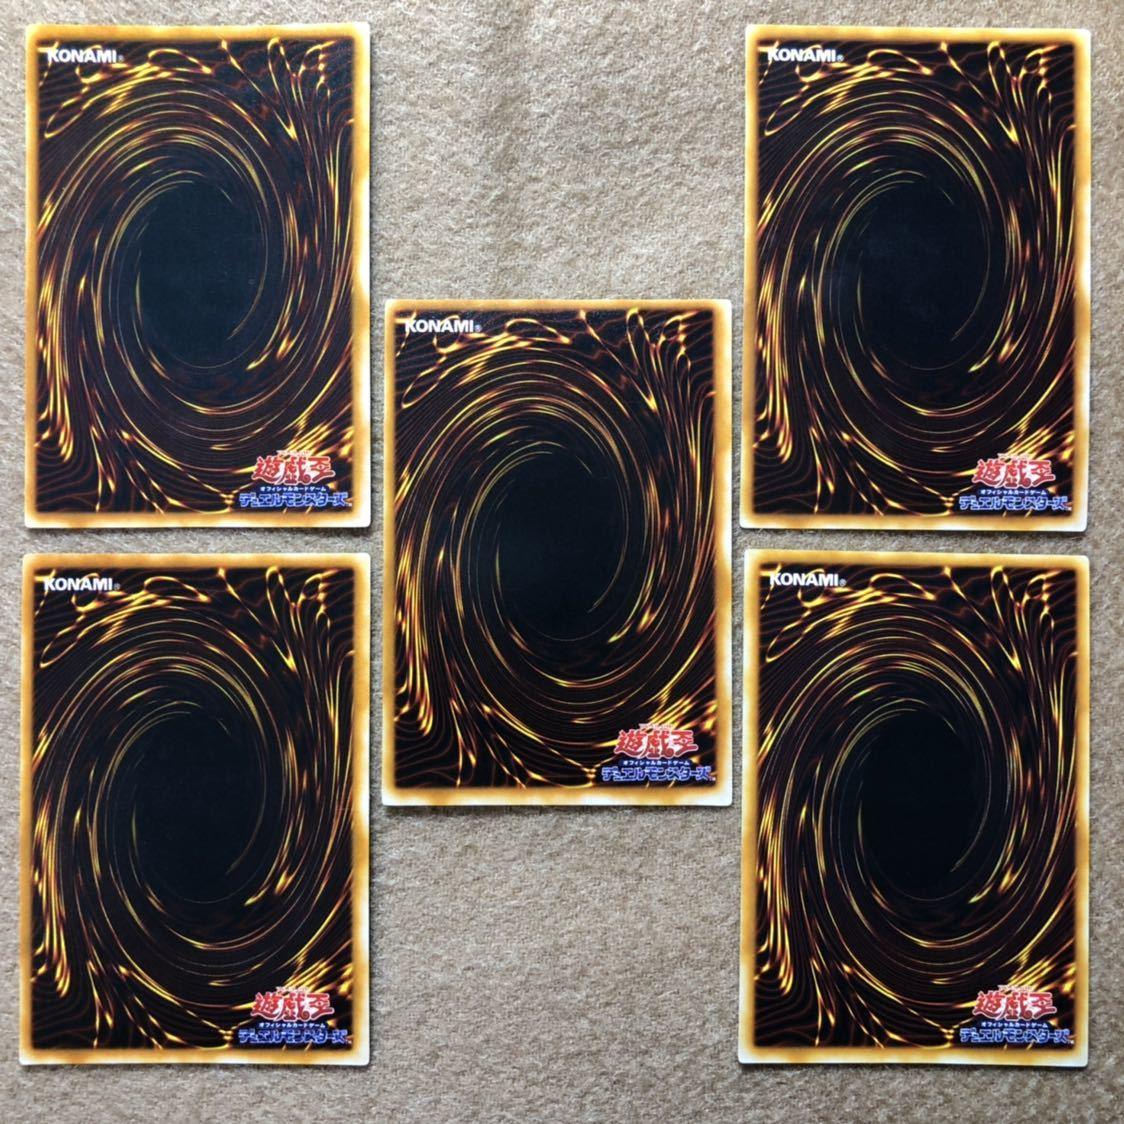 【遊戯王】完美品 封印されしエクゾディア 他 計5点 2期 シークレットレアカード 個人所有 約20年_画像9